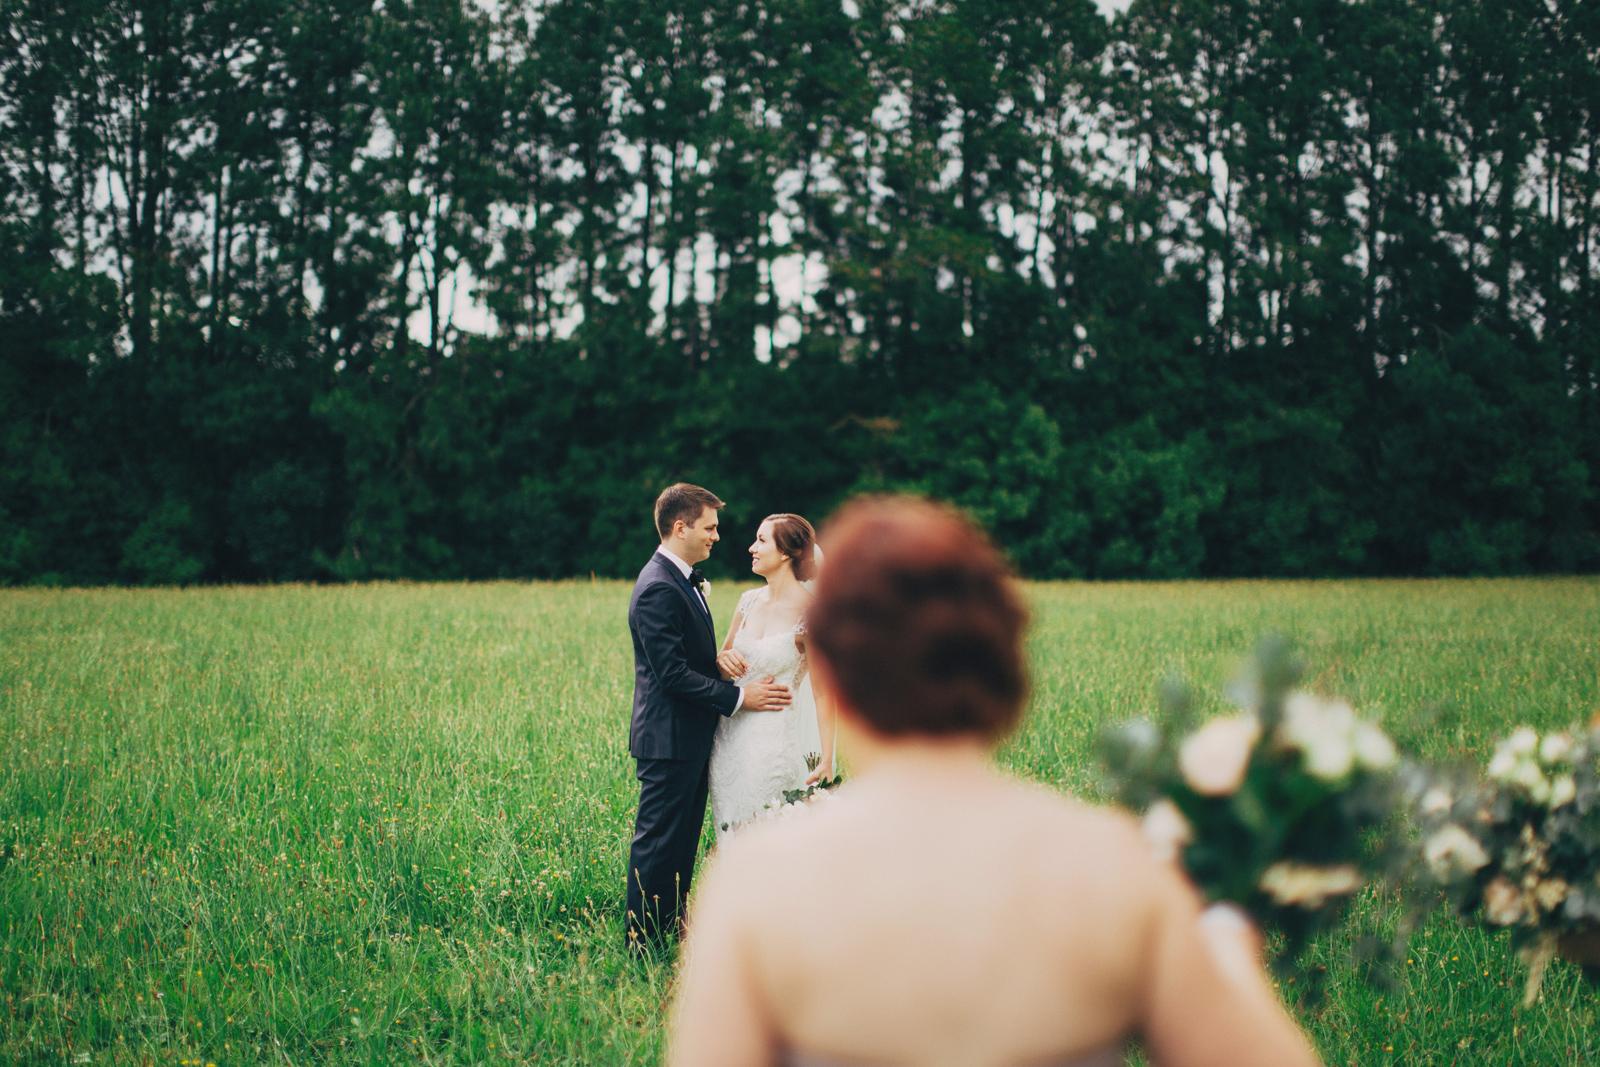 Hilary-&-Darren-Married---0457